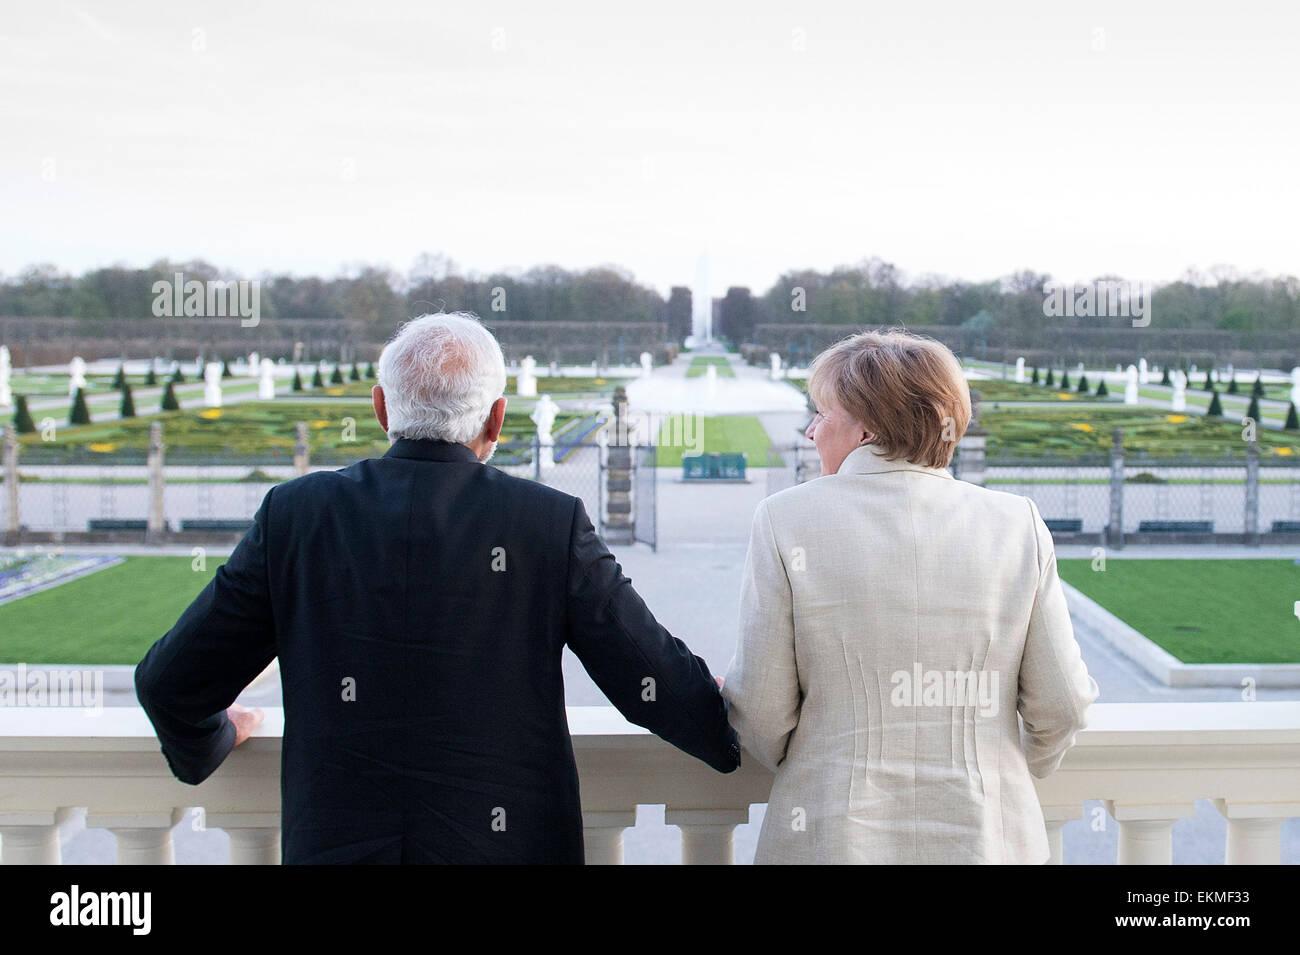 HANDOUT - Bundeskanzlerin Angela Merkel und der indische Premierminister Narendra Modi nach der Eröffnungszeremonie - Stock Image